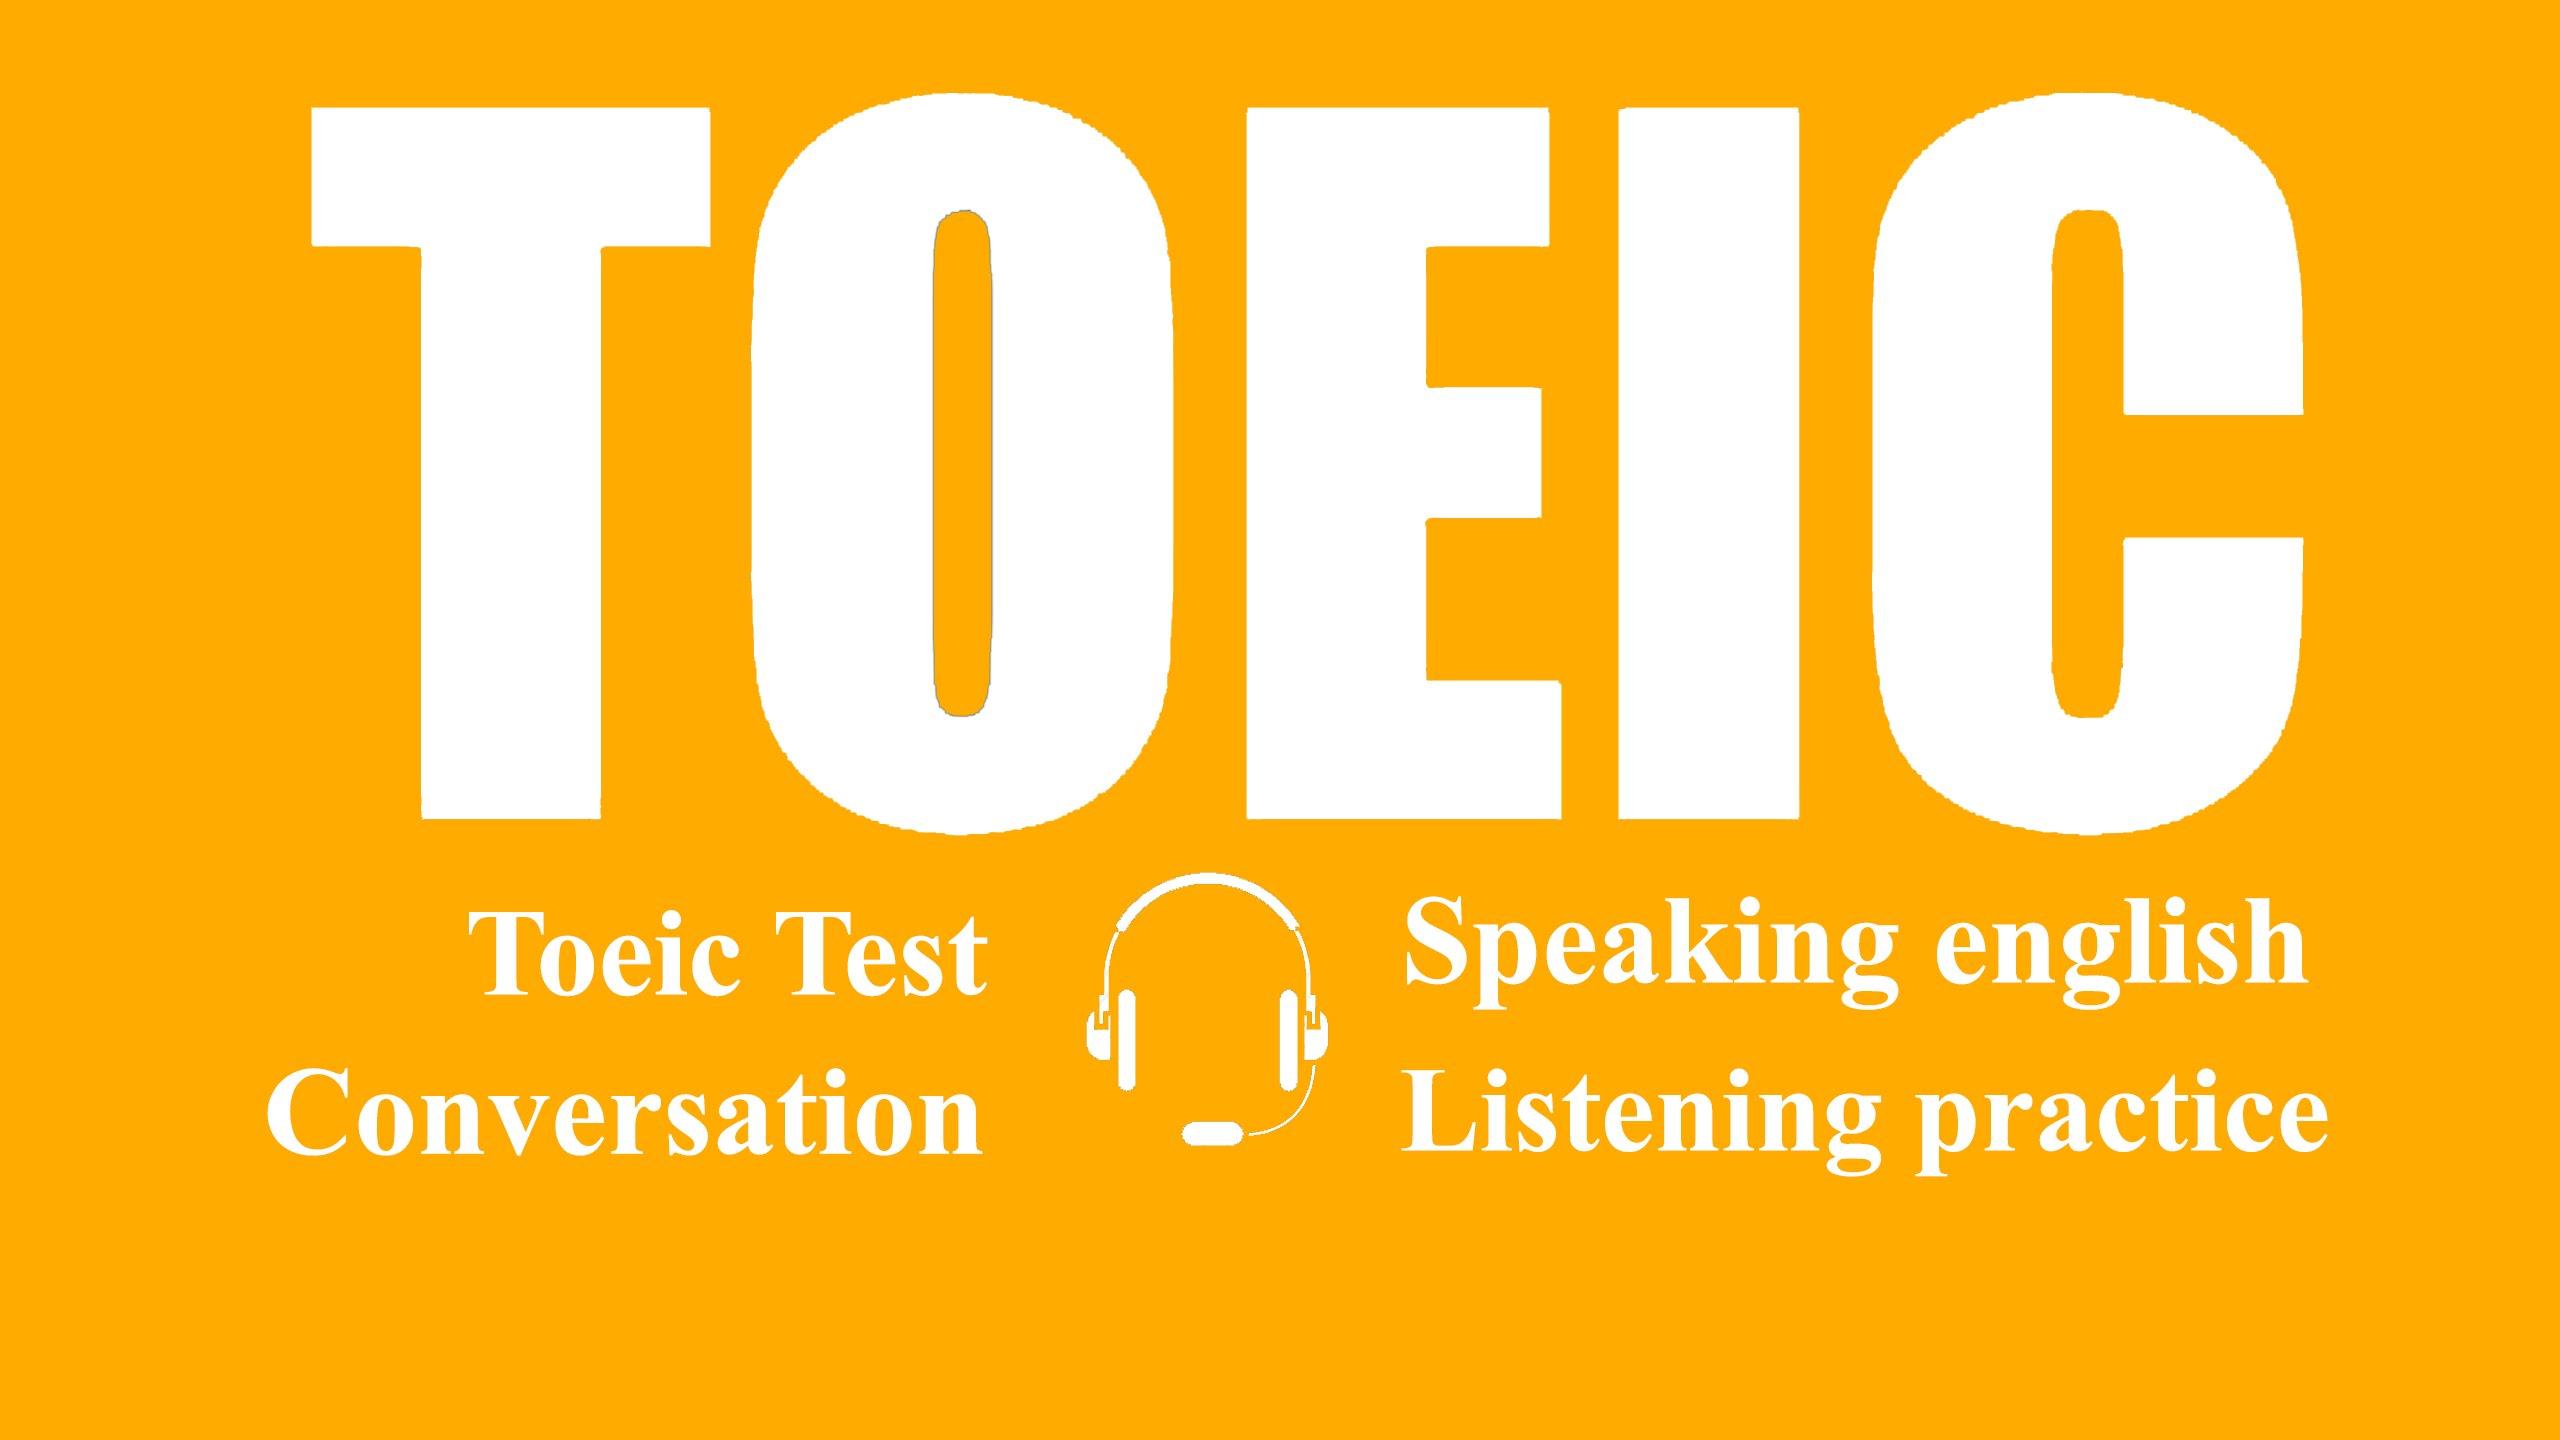 Chứng chỉ TOEIC là gì? Những đơn vị cấp chứng chỉ TOEIS uy tín tại Việt Nam